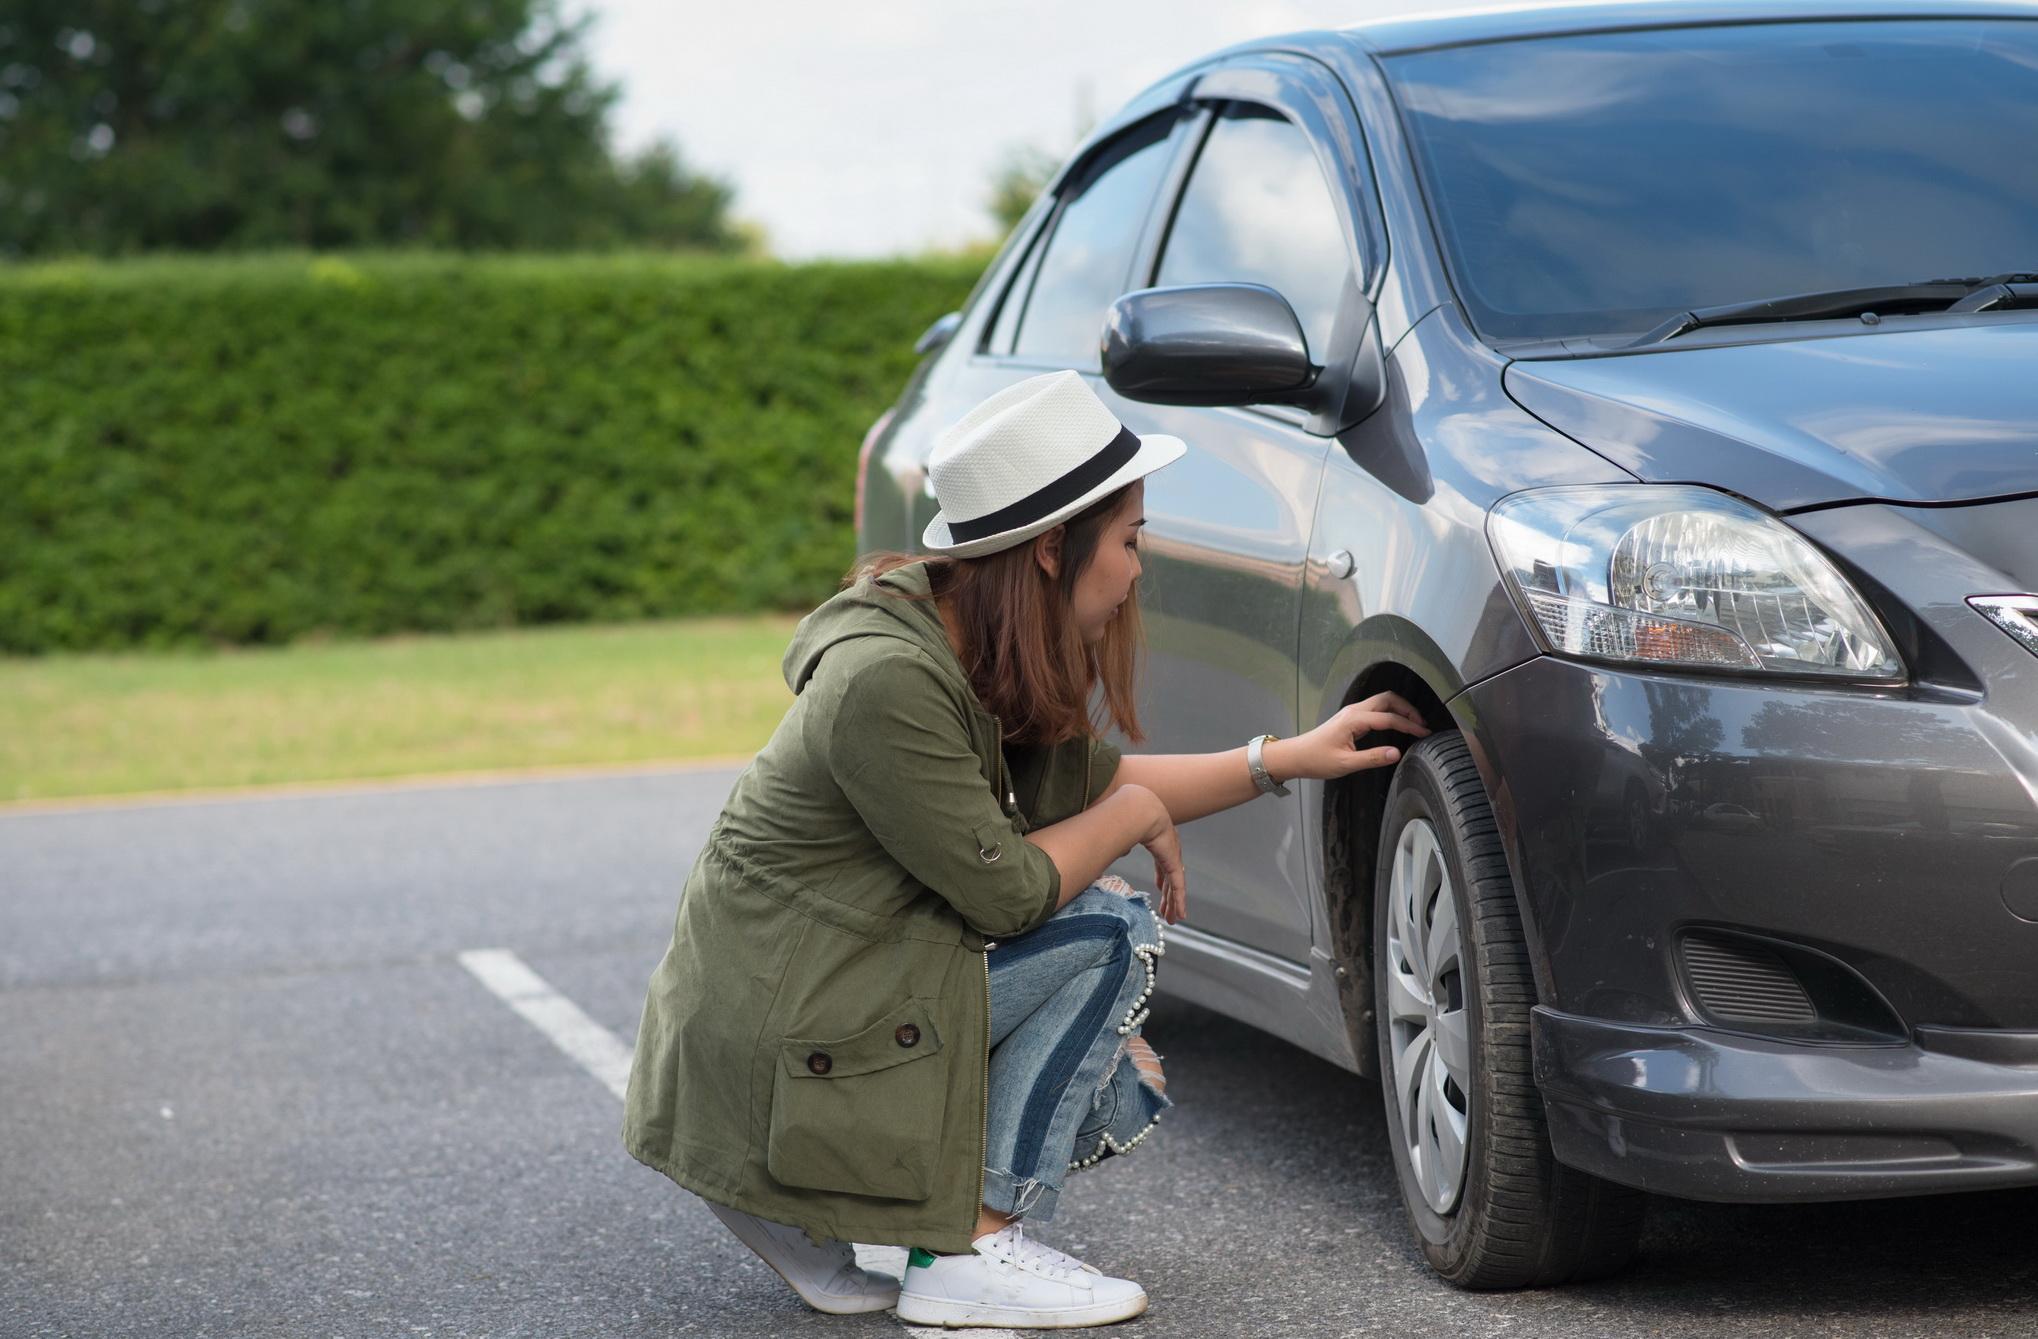 การดูแลรถยนต์